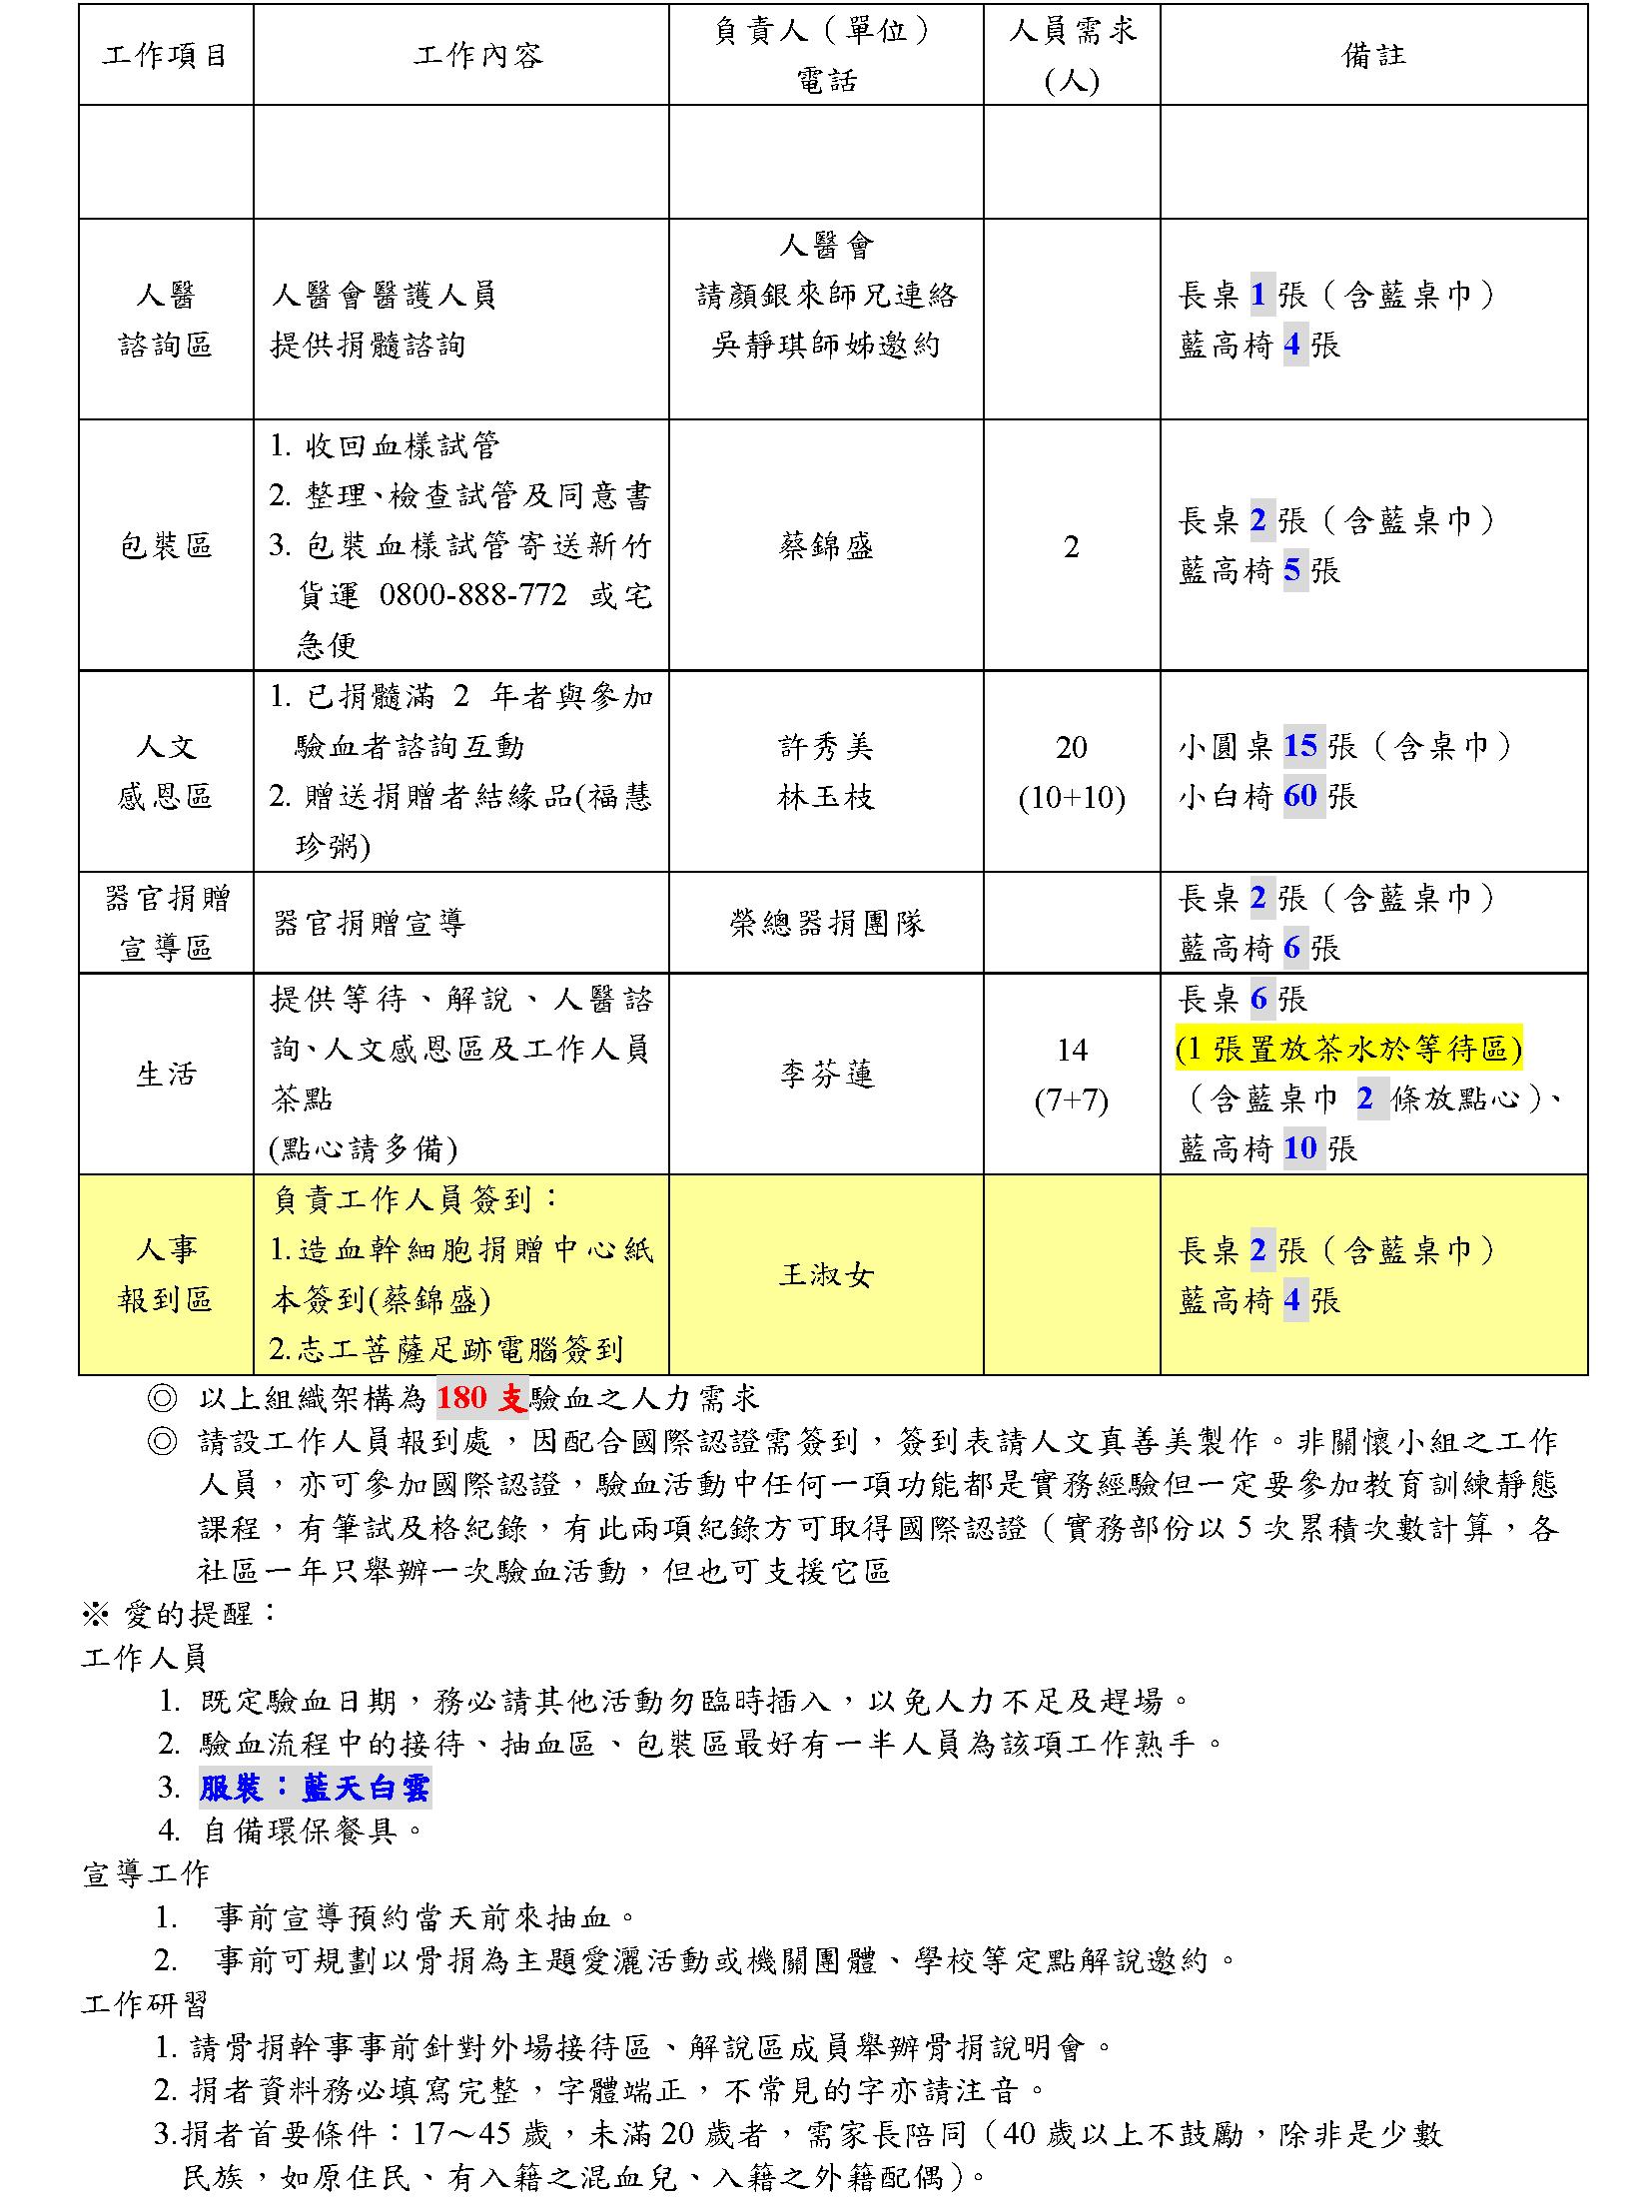 2014造血幹細胞捐贈驗血活動注意事項_頁面_3.png